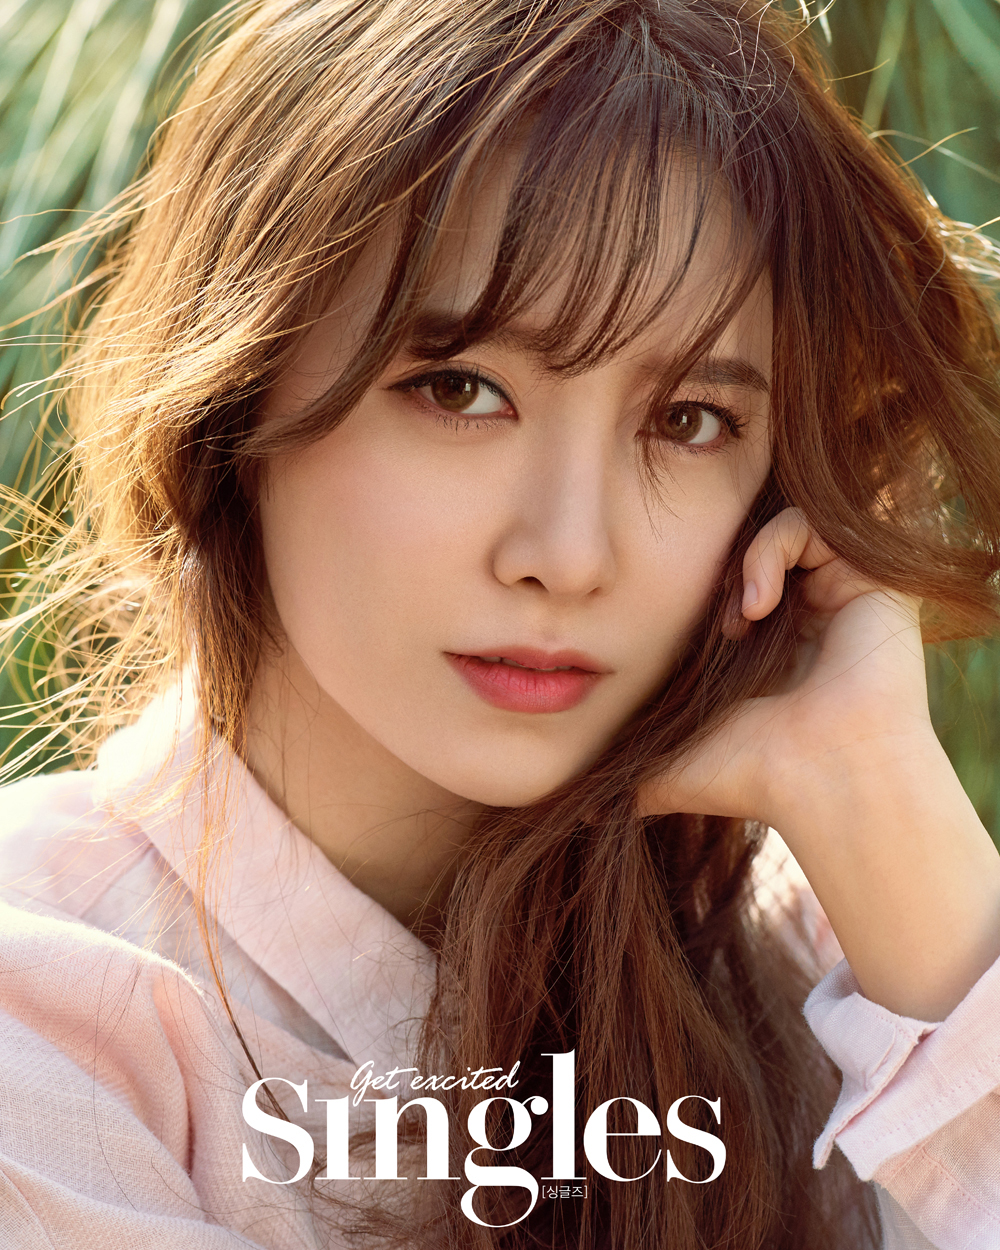 VZN News: Loạt bài đăng mới chứng tỏ dấu hiệu đáng mừng cho Goo Hye Sun: Ly hôn xong, không thất nghiệp được đâu! - Ảnh 5.